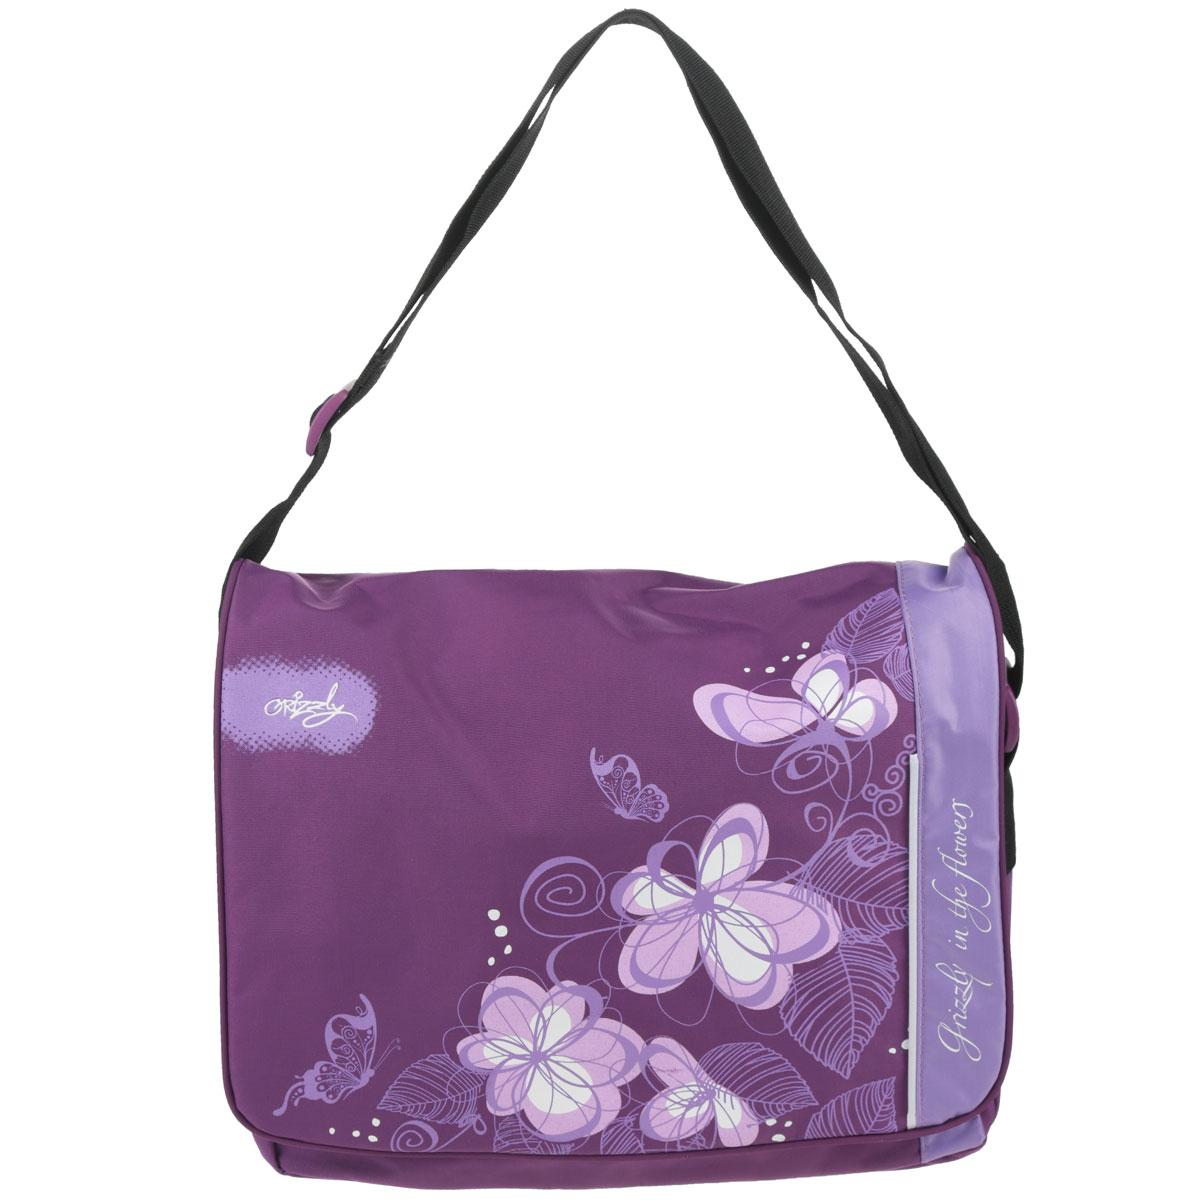 Сумка молодежная Grizzly, цвет: фиолетовый. MD-353-3MD-353-3/1Оригинальная молодежная сумка Grizzly выполнена из текстиля, оформлена ярким принтом с изображением цветов. Изделие содержит одно главное отделение, которое застегивается на молнию и дополнительно застегивается на липучки, внутри вшитый карман на молнии. Снаружи в стенке сумки размещен накладной карман на молнии, накладной карман и пять накладных карманов для ручек и телефона. Сумка оснащена широким плечевым ремнем, длина которого регулируется пряжкой. Такая сумка подчеркнет ваш образ и выделит вас из толпы.